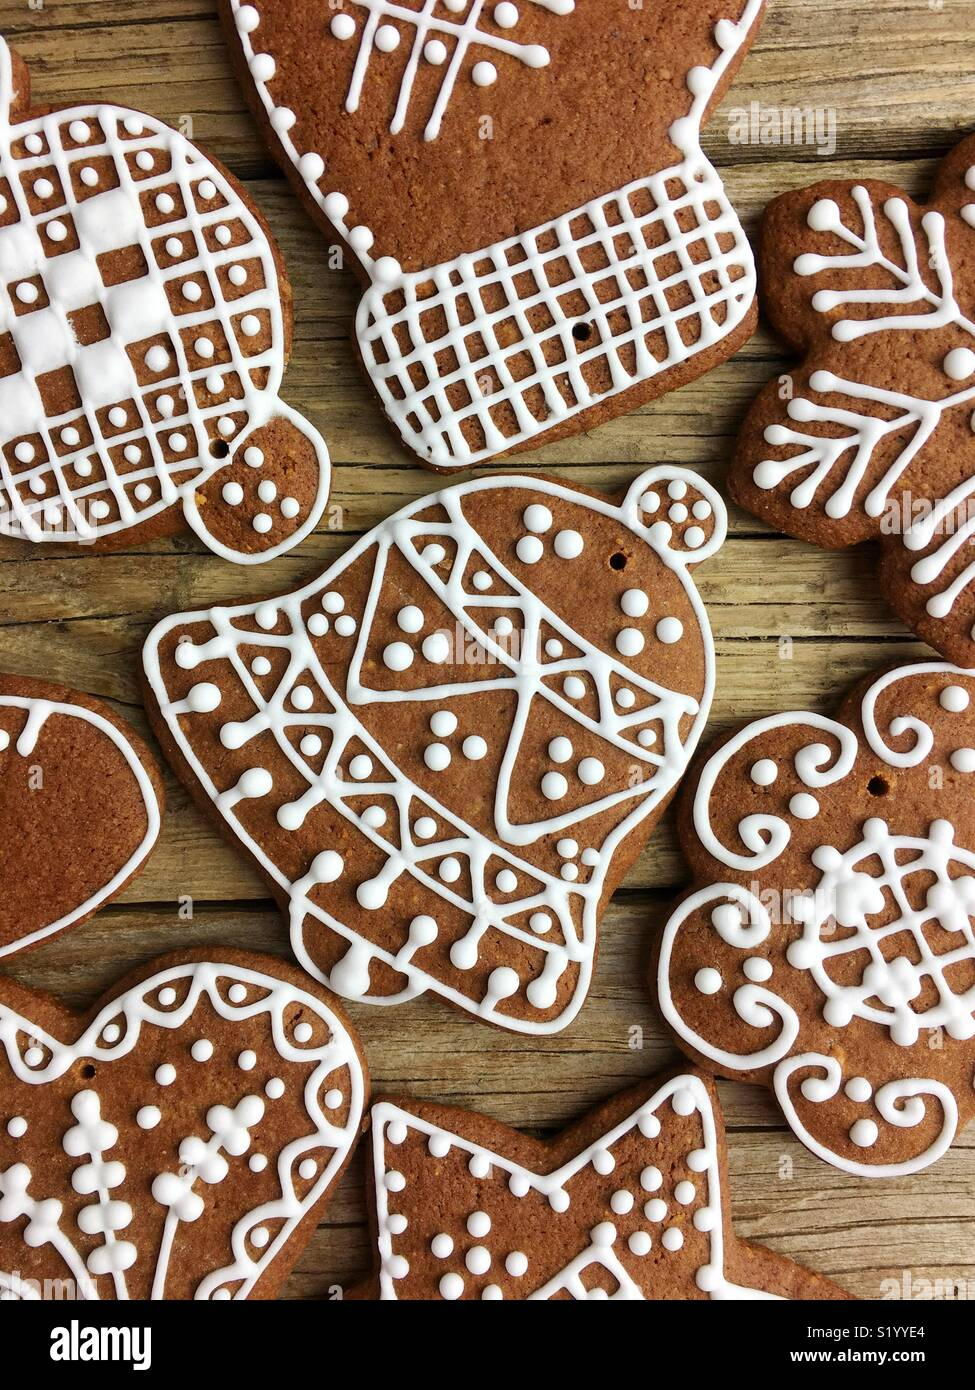 Vollbild von Weihnachten Lebkuchen cookies auf einem Holztisch Stockbild